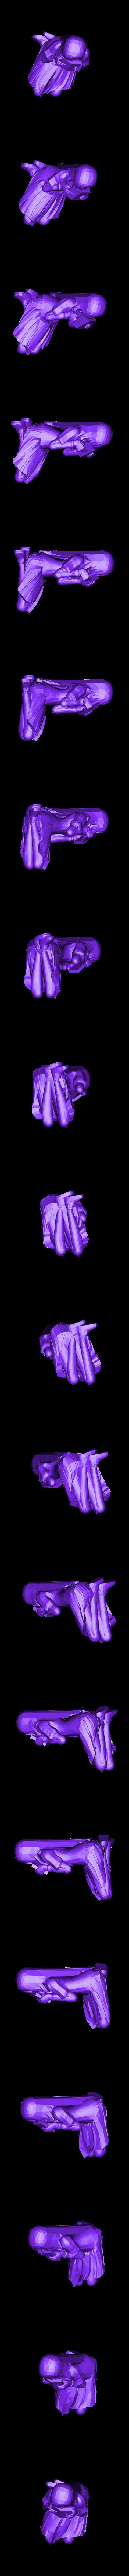 Hanako_hiding.stl Télécharger fichier STL gratuit Routes Katawa Shoujo • Modèle à imprimer en 3D, sh0rt_stak